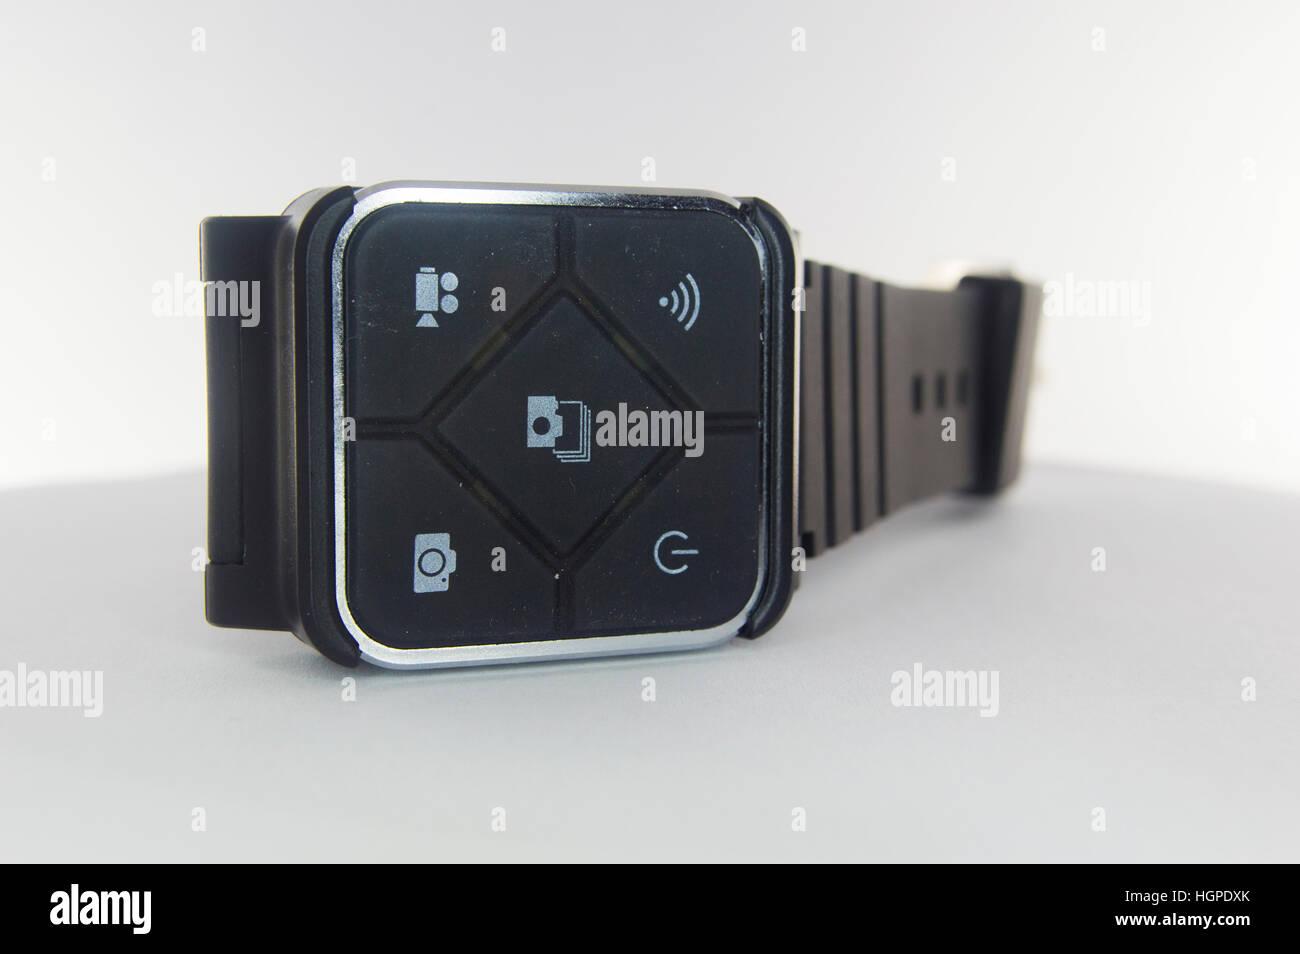 SJCAM montre bracelet de commande à distance depuis l'appareil, connexion Wi-Fi au réseau local Photo Stock